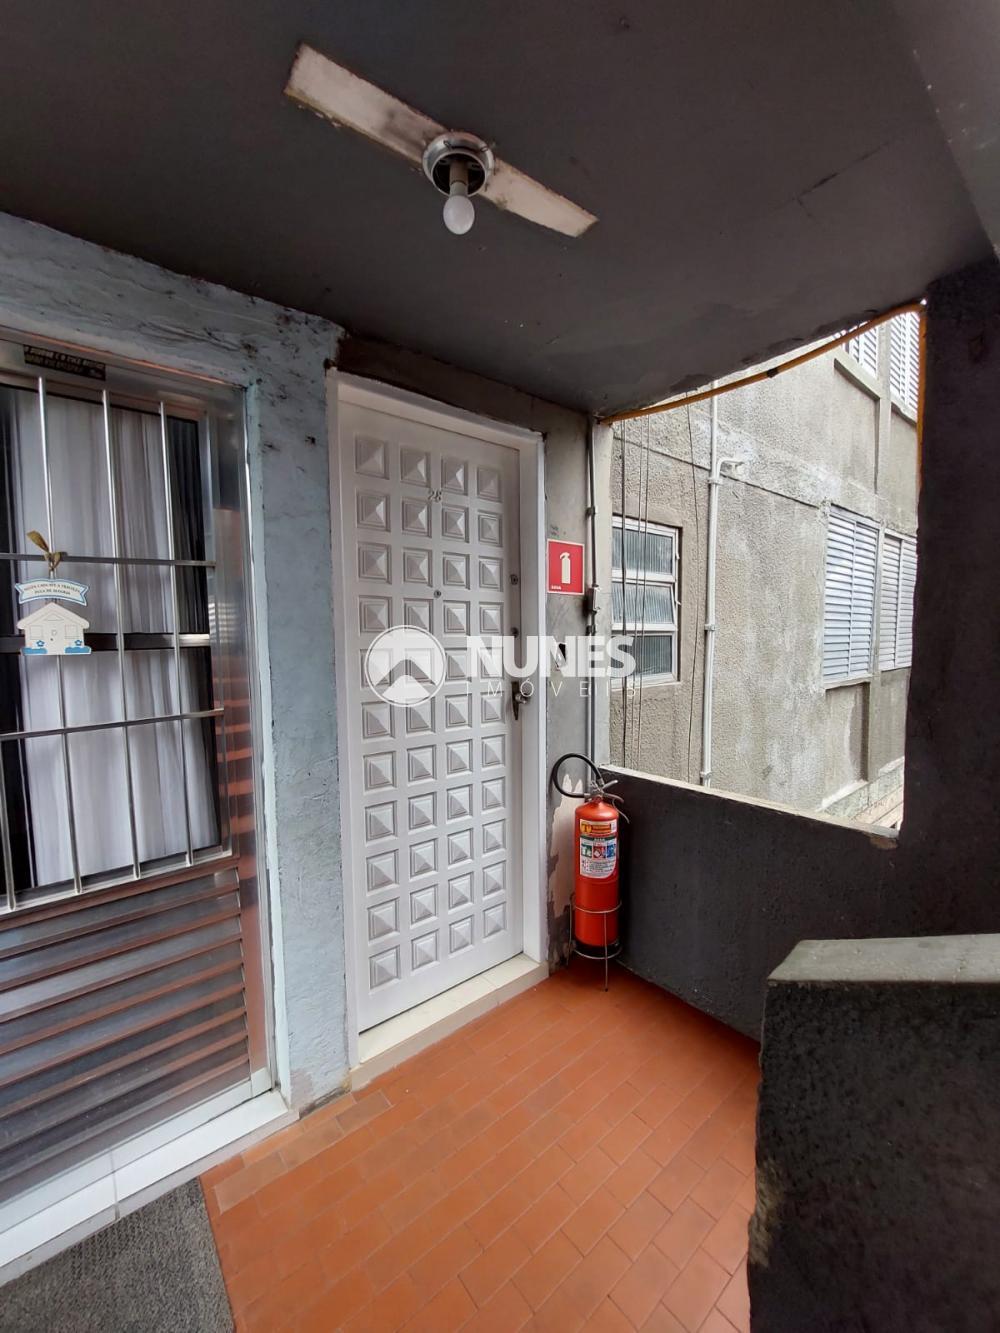 Comprar Apartamento / Padrão em Carapicuíba R$ 135.000,00 - Foto 13